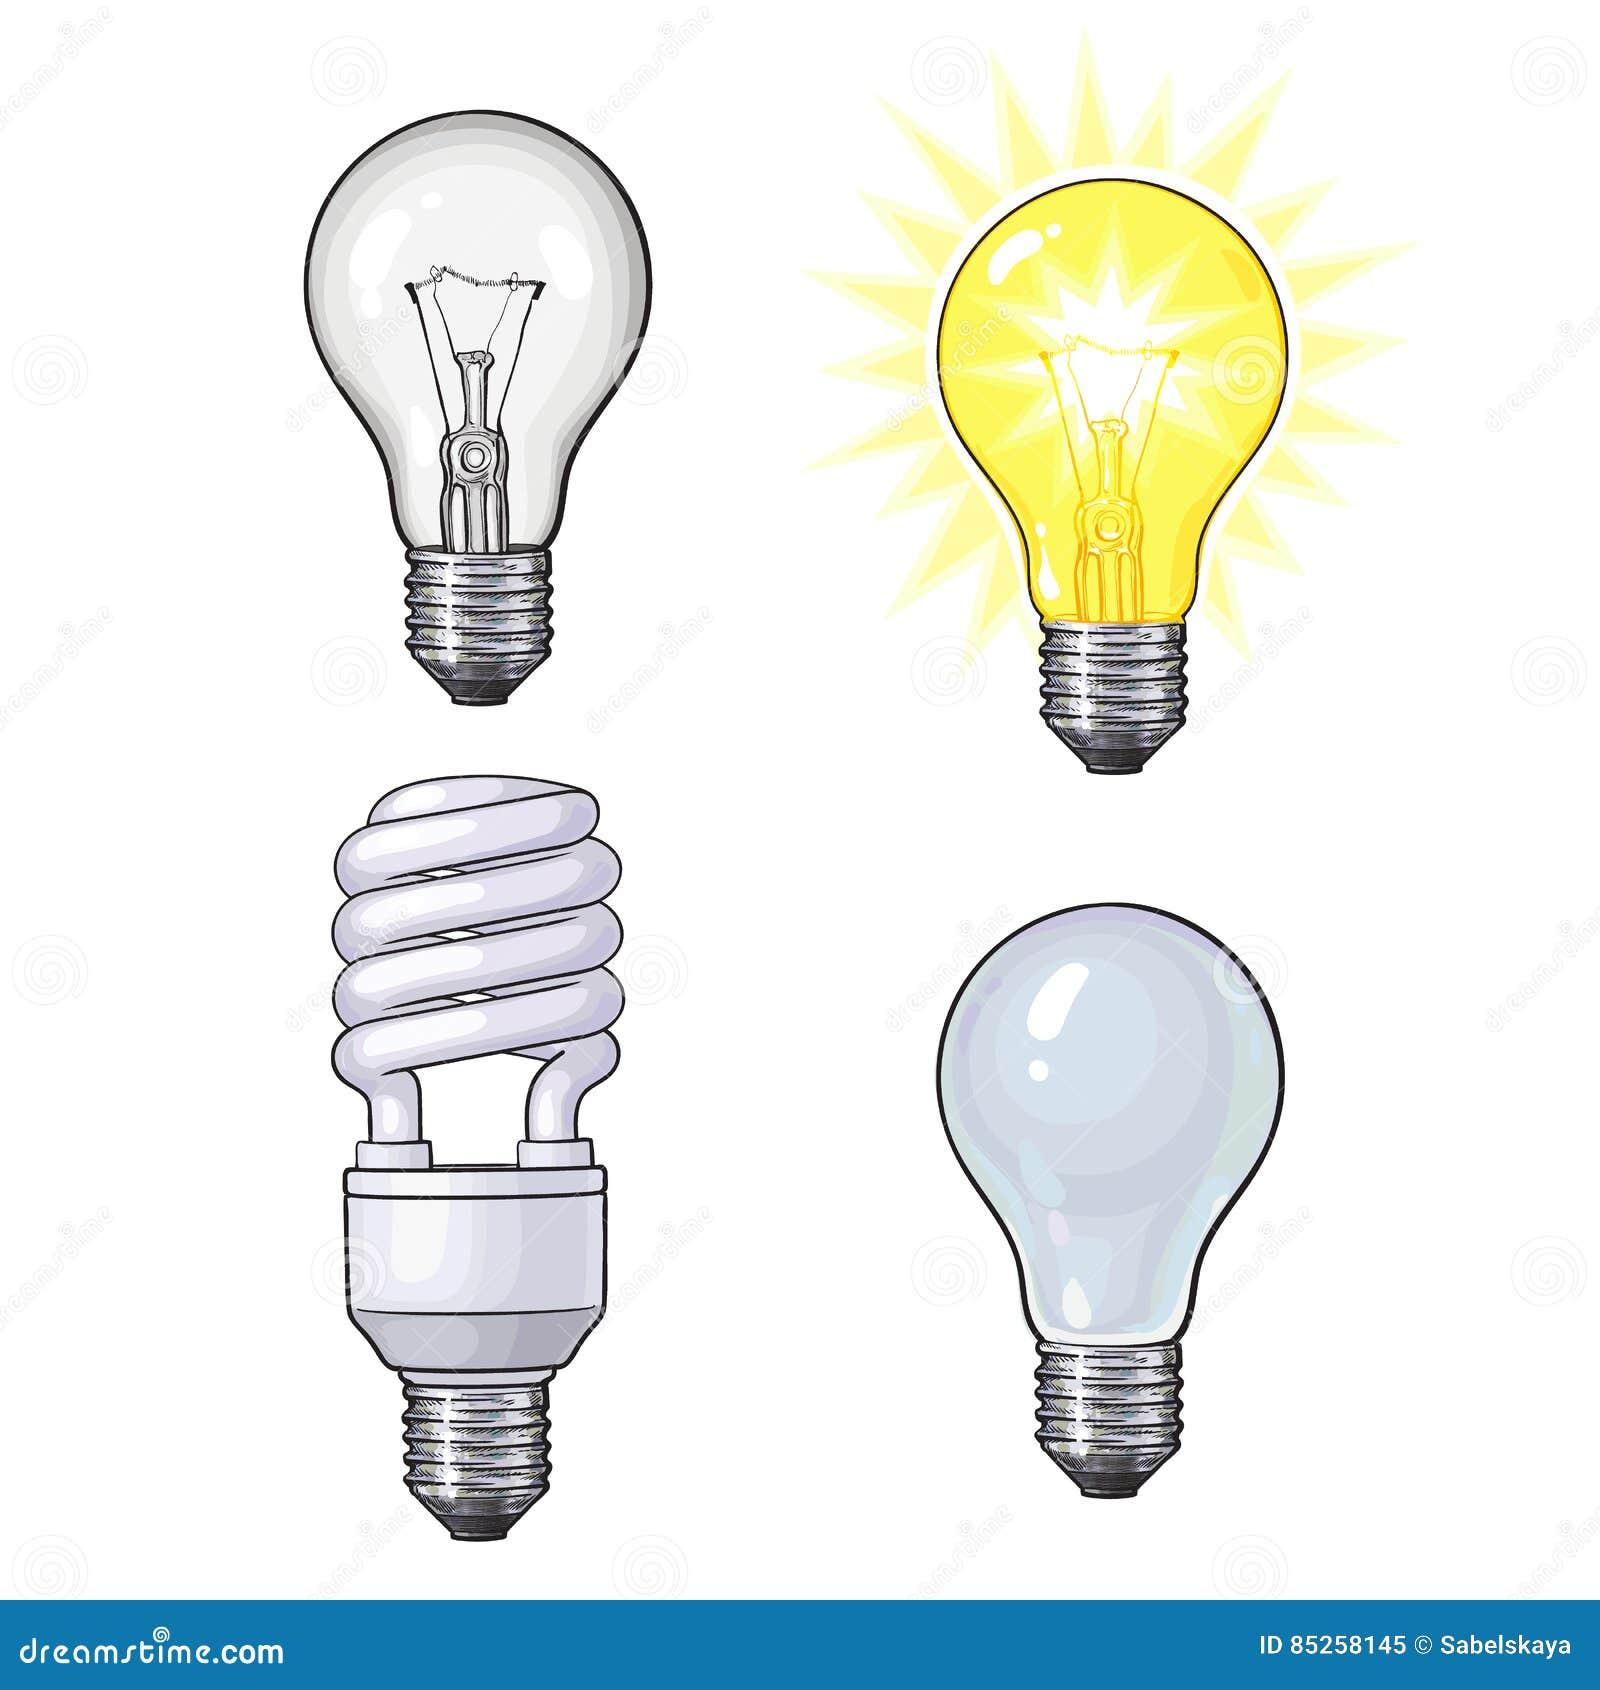 Комплект прозрачного, непрозрачного, накалять и энергосберегающая электрической лампочки